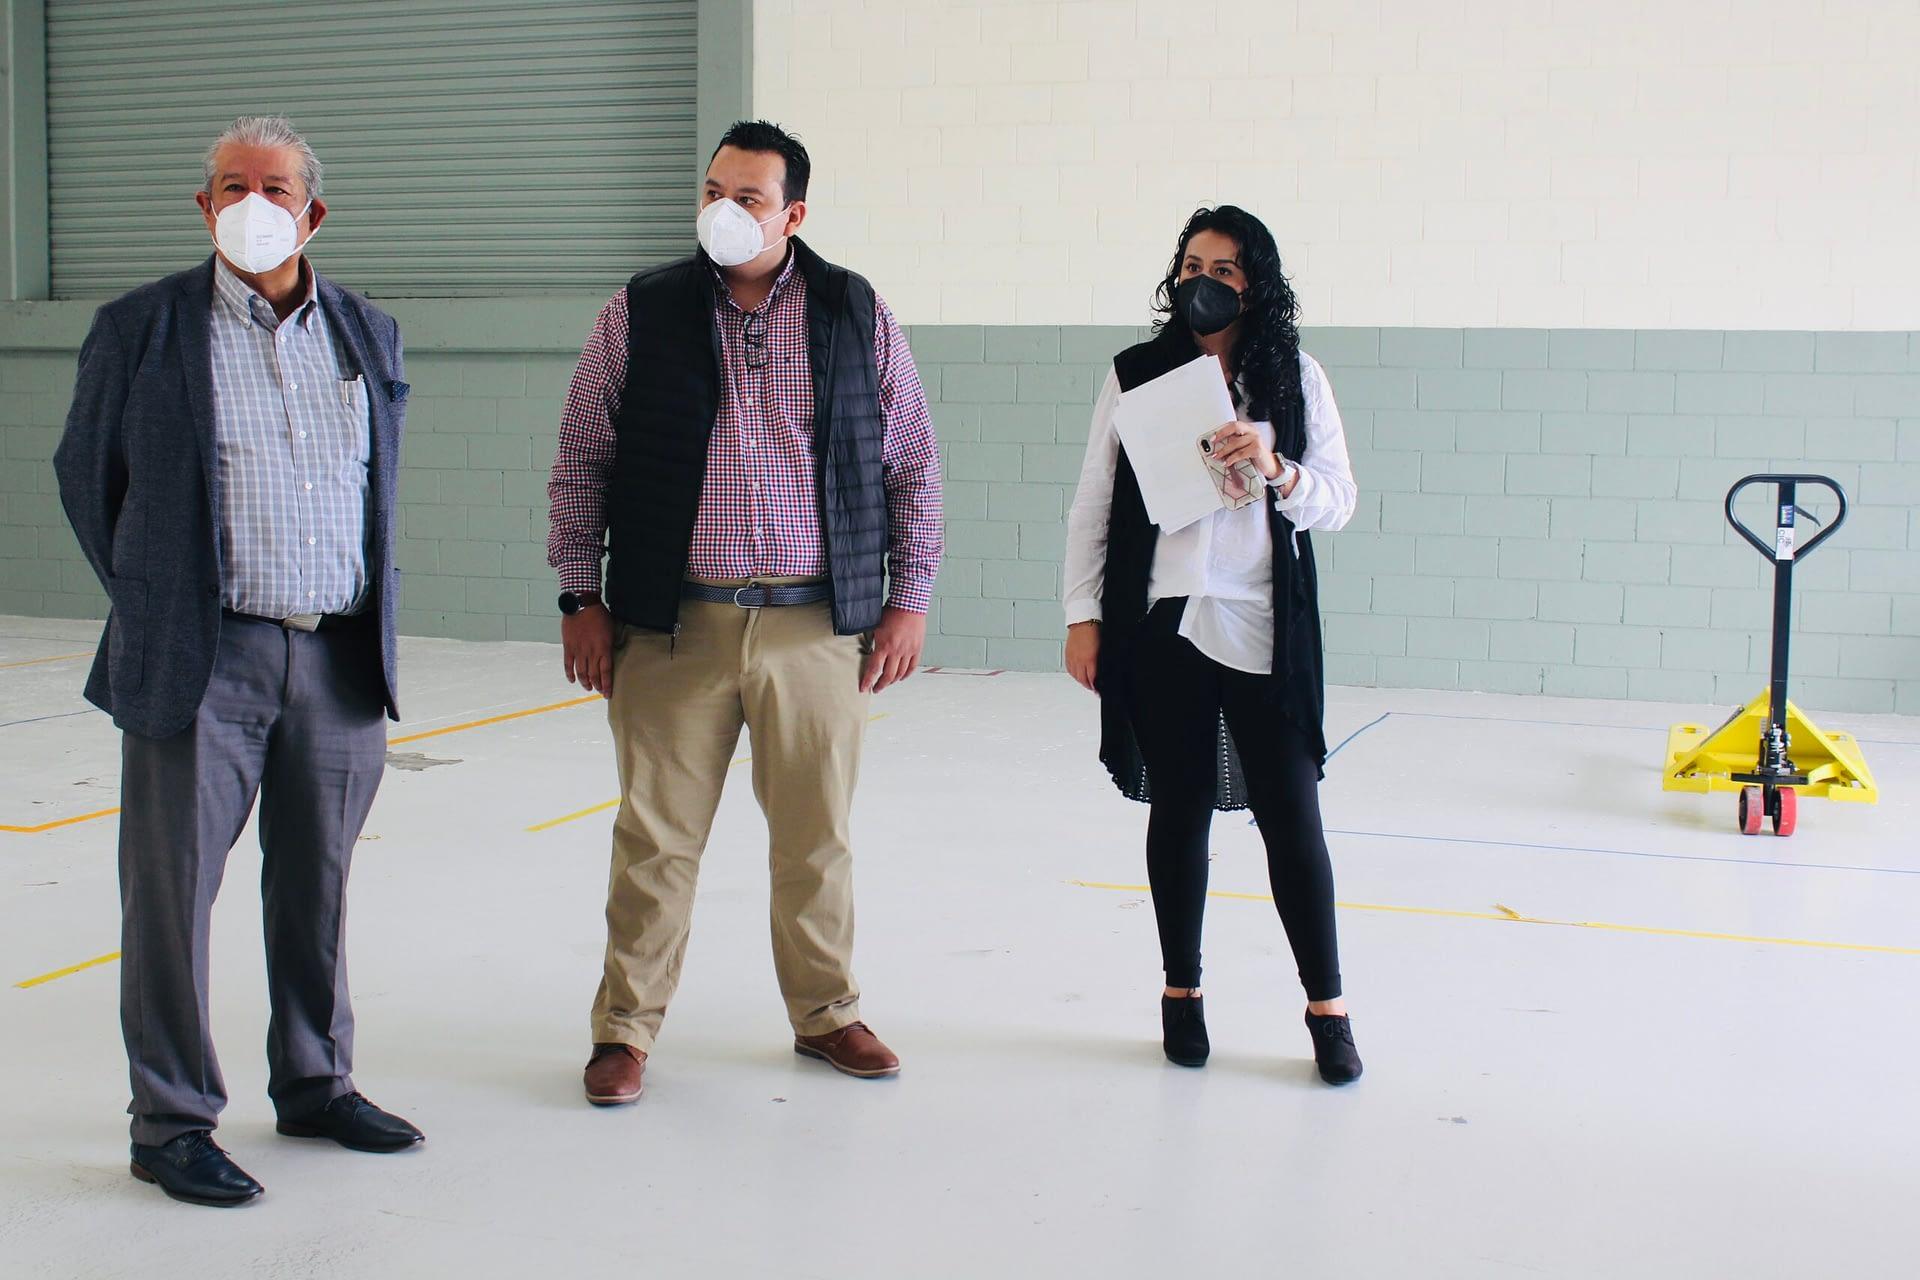 CIC inaugurates new logistics center in Tijuana